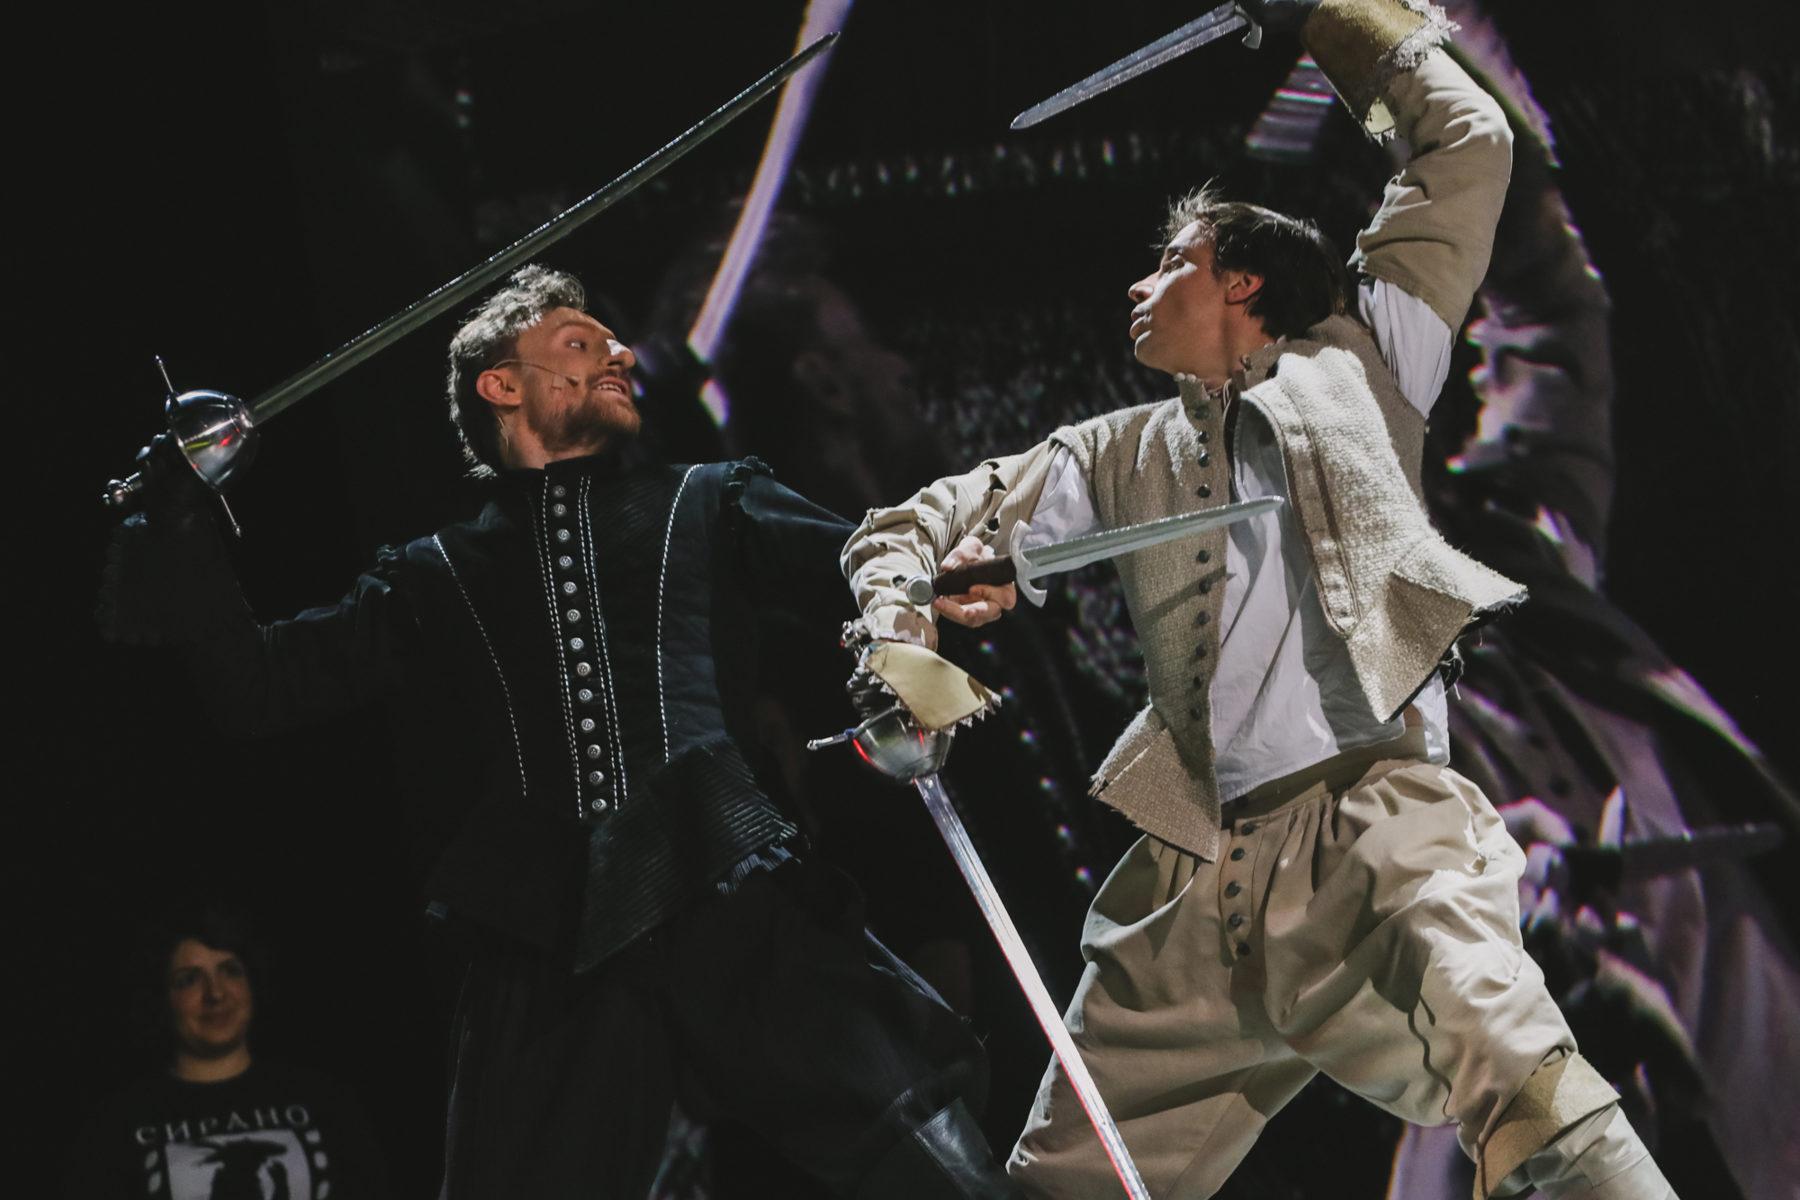 Спектакль «Сирано де Бержерак» в Театре киноактера – события на сайте «Московские Сезоны»